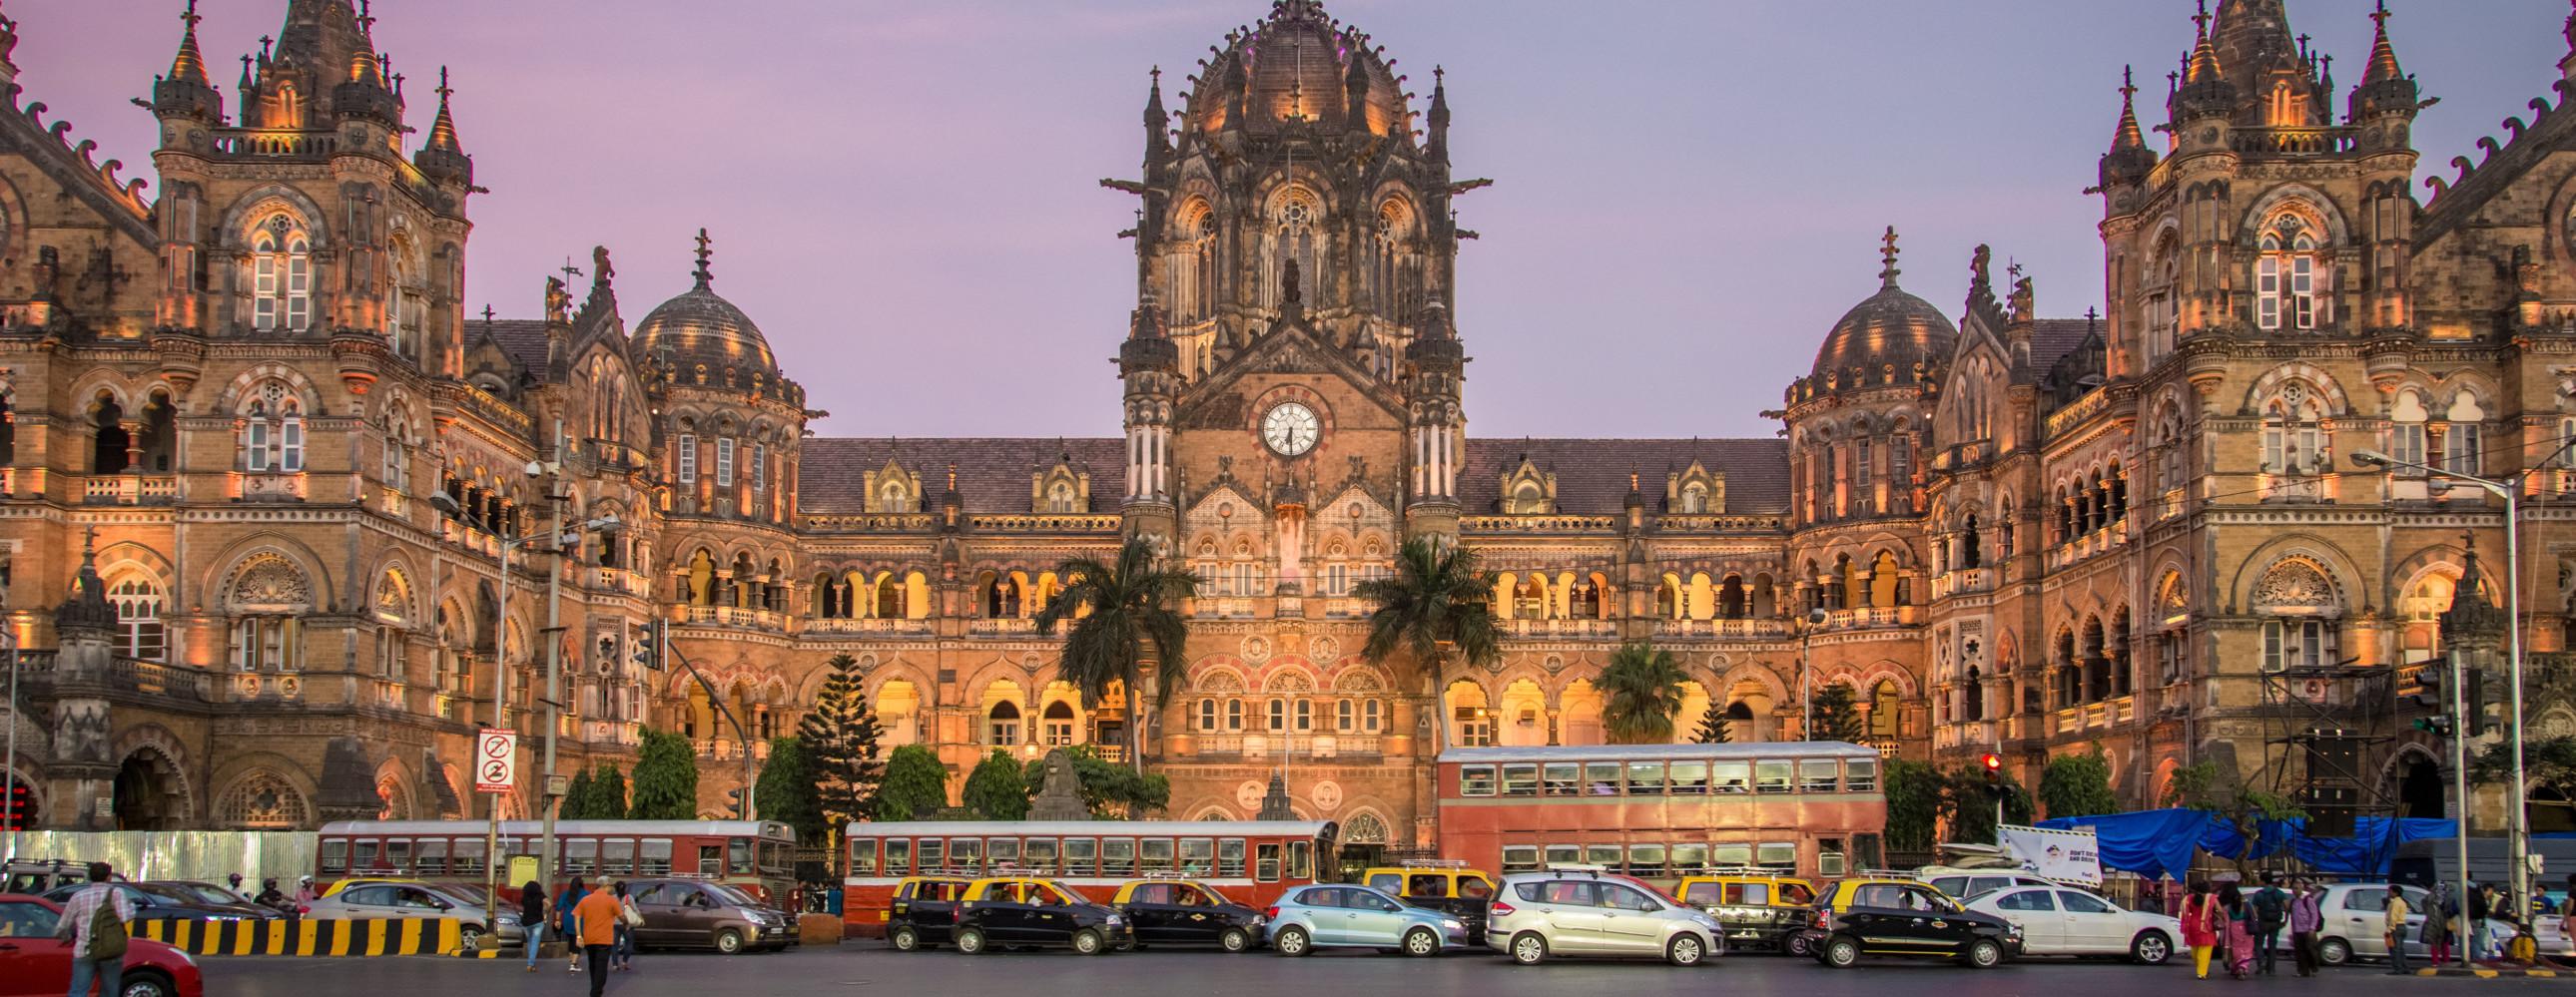 ムンバイ(インド)観光スポット紹介!世界遺産や見どころいっぱい!